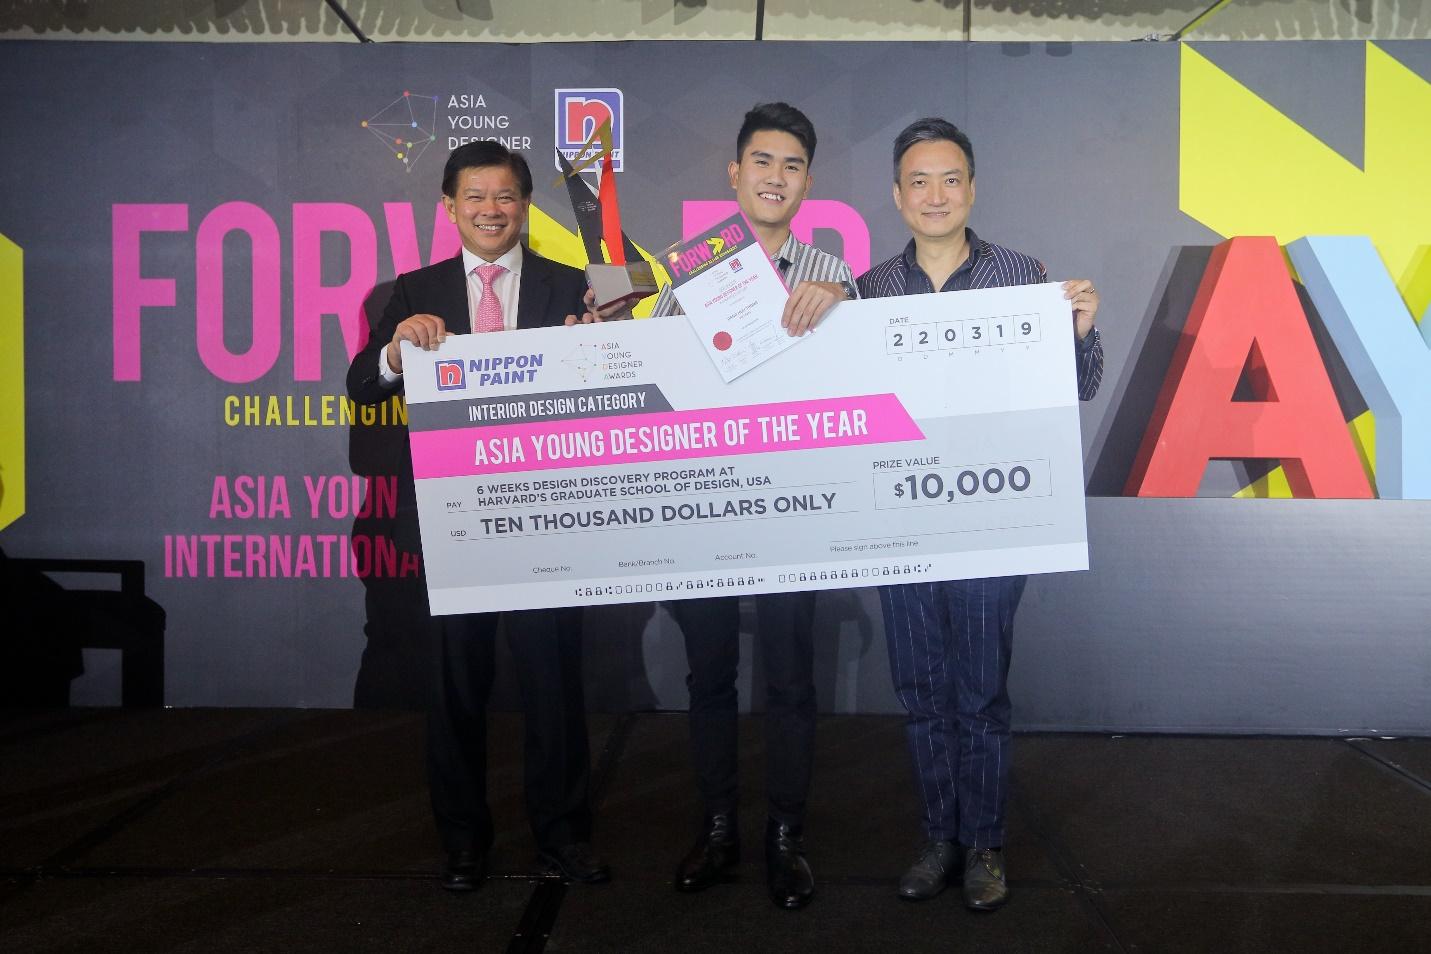 Cuộc thi hàng đầu châu lục dành cho sinh viên Kiến trúc / Nội thất với giải thưởng hấp dẫn